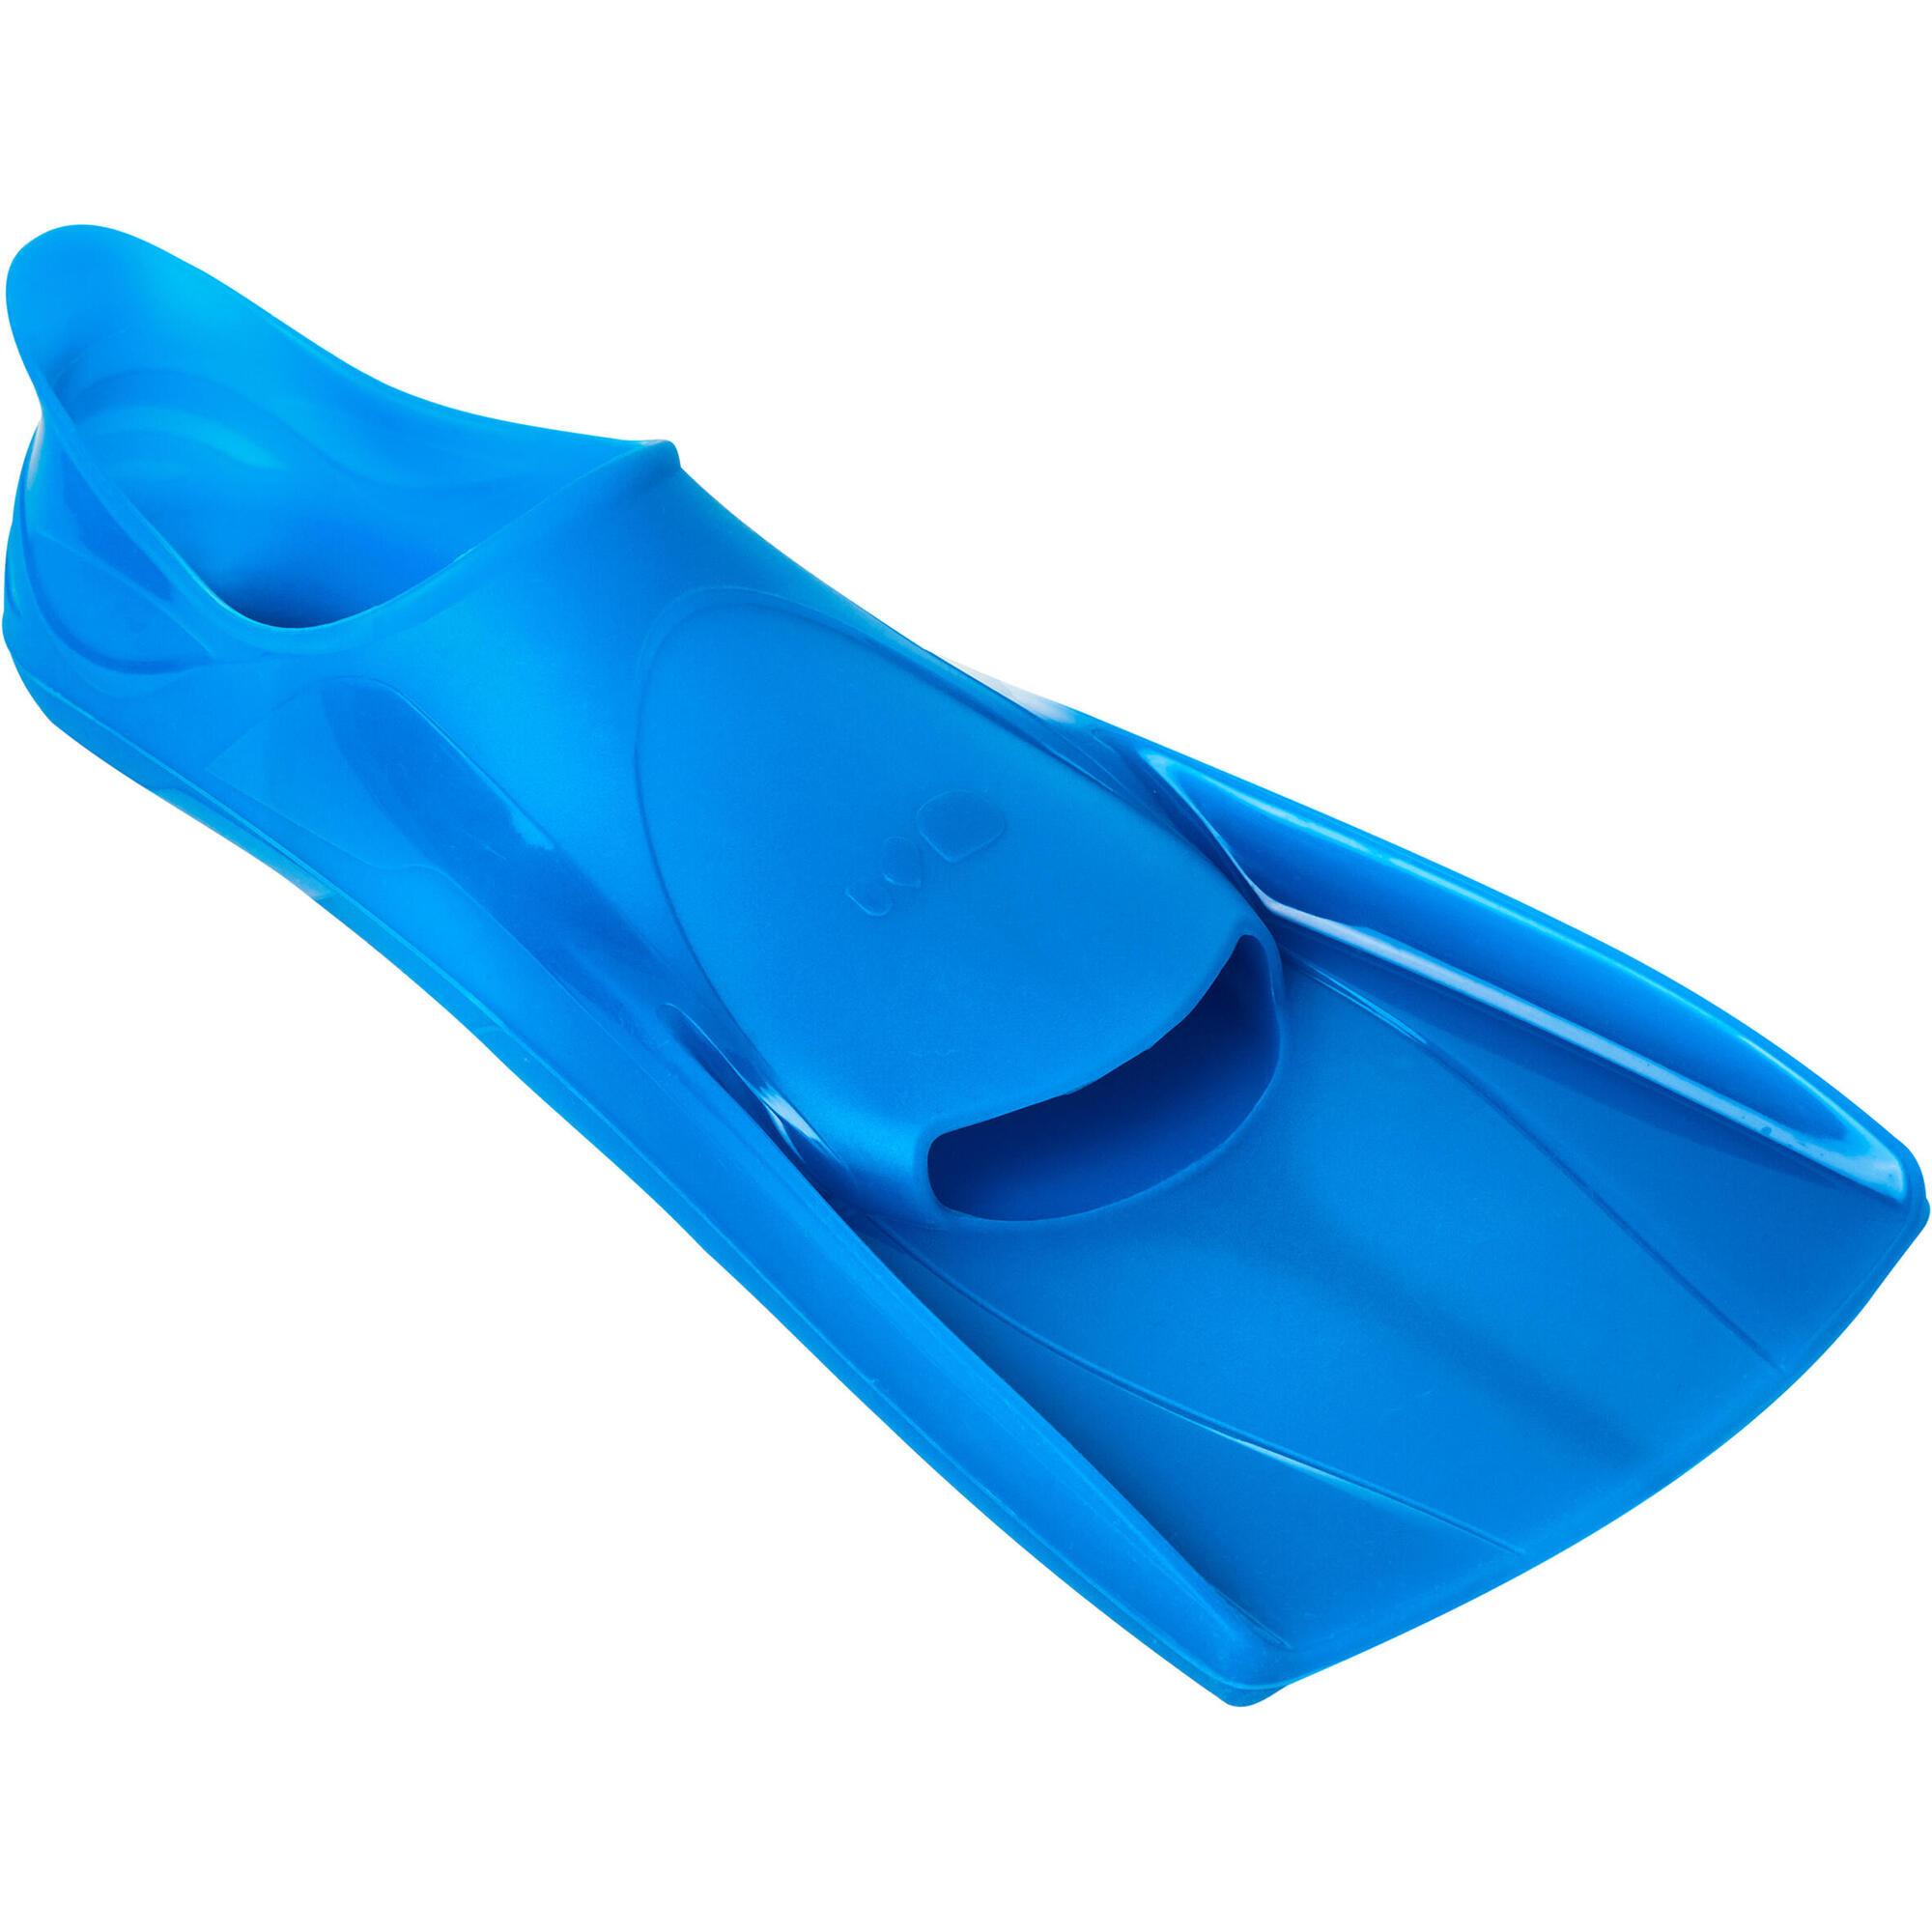 palmes natation courtes silifins ii bleu nabaiji. Black Bedroom Furniture Sets. Home Design Ideas